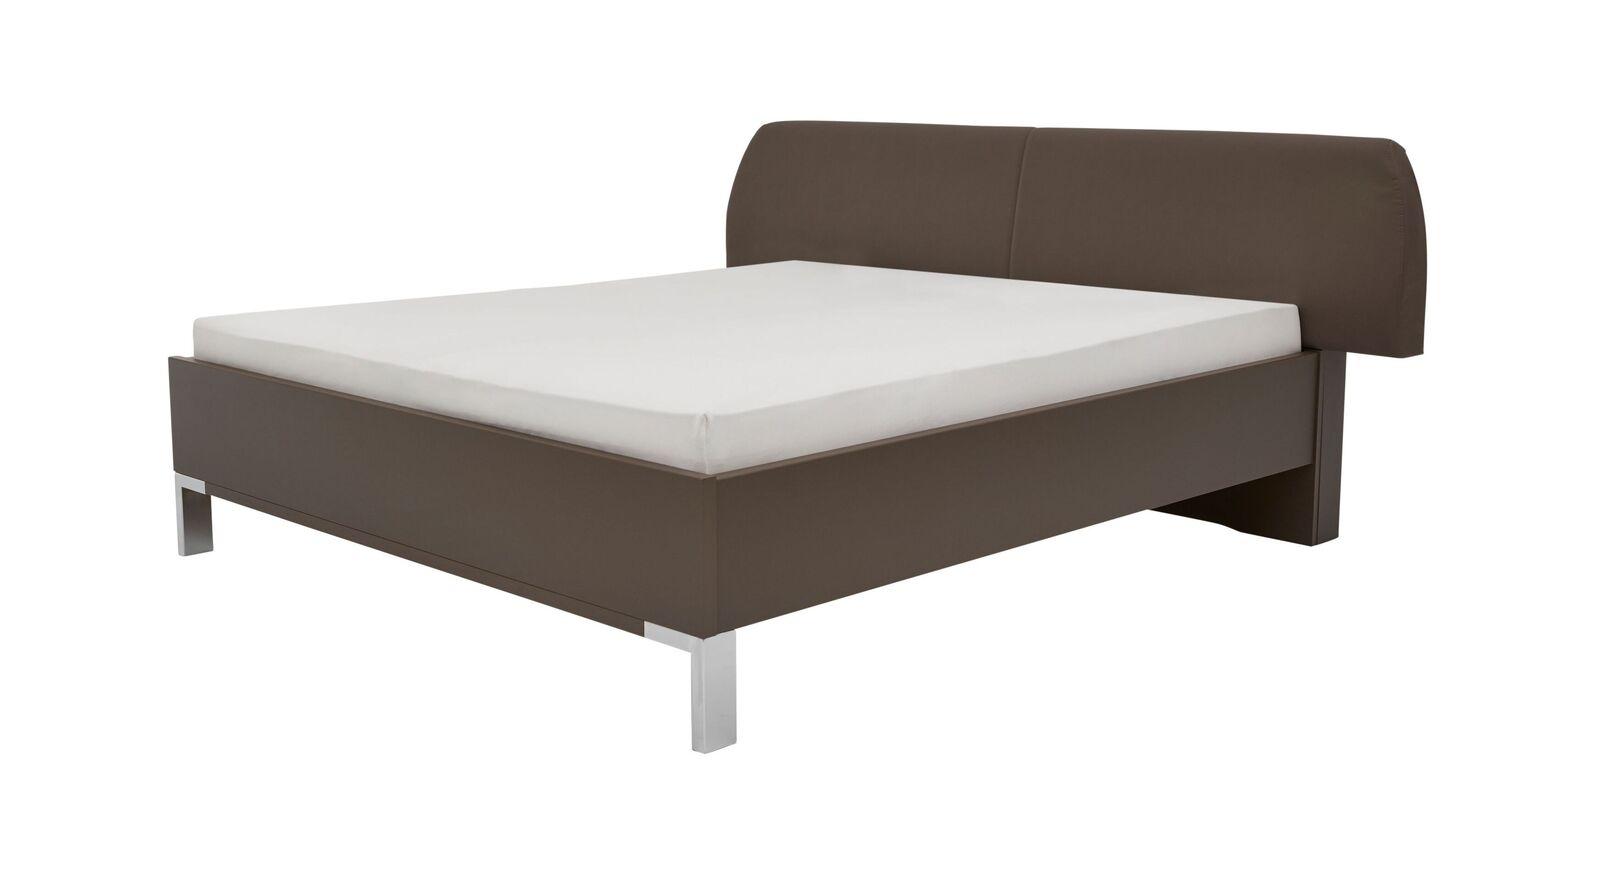 INTERLIVING Bett 1006 in Marken-Qualität